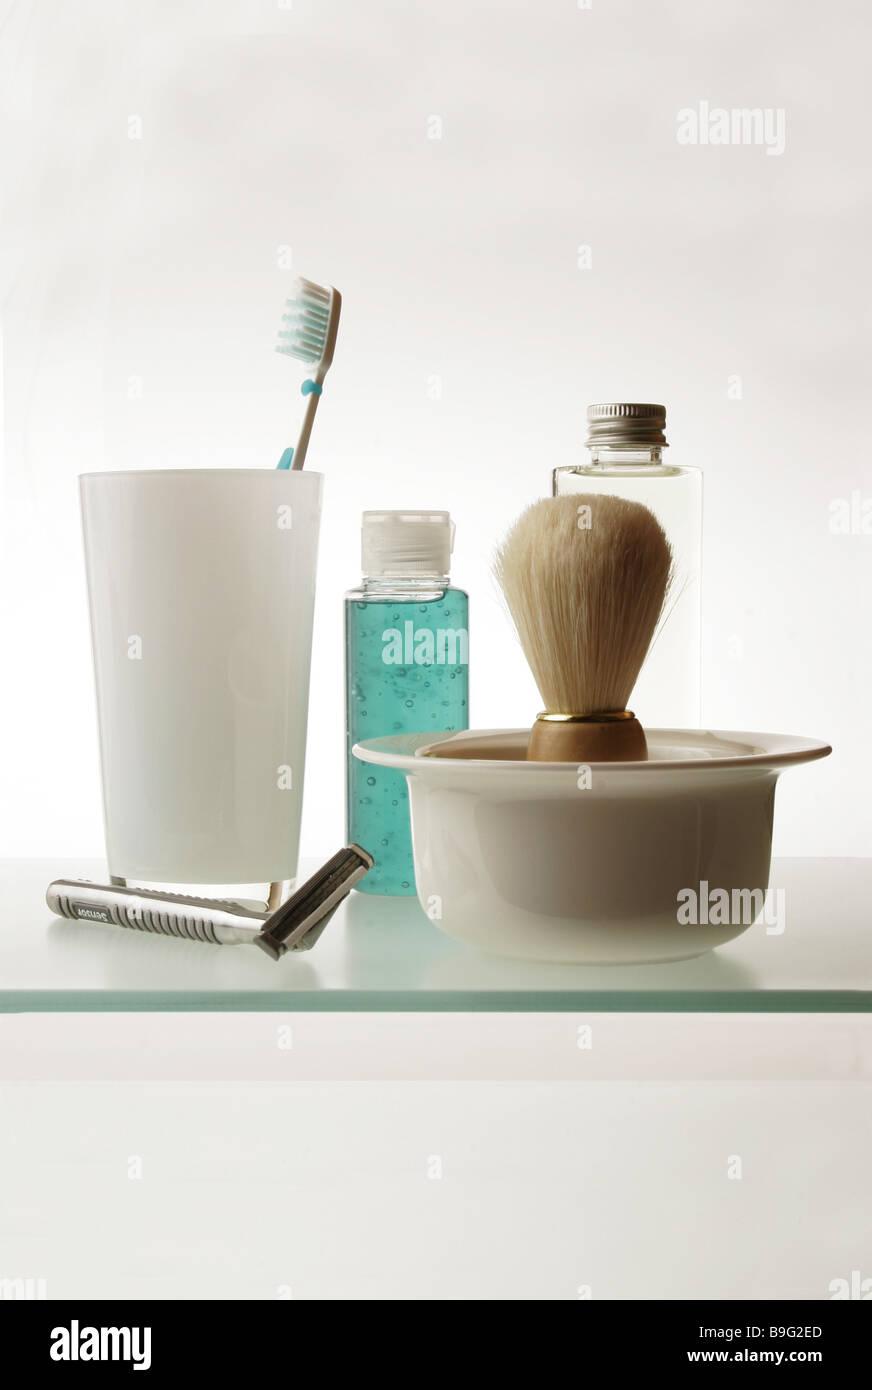 Badezimmer Lagerung Platz Kosmetik-Artikel Rasieren-Artikel Tasse ...